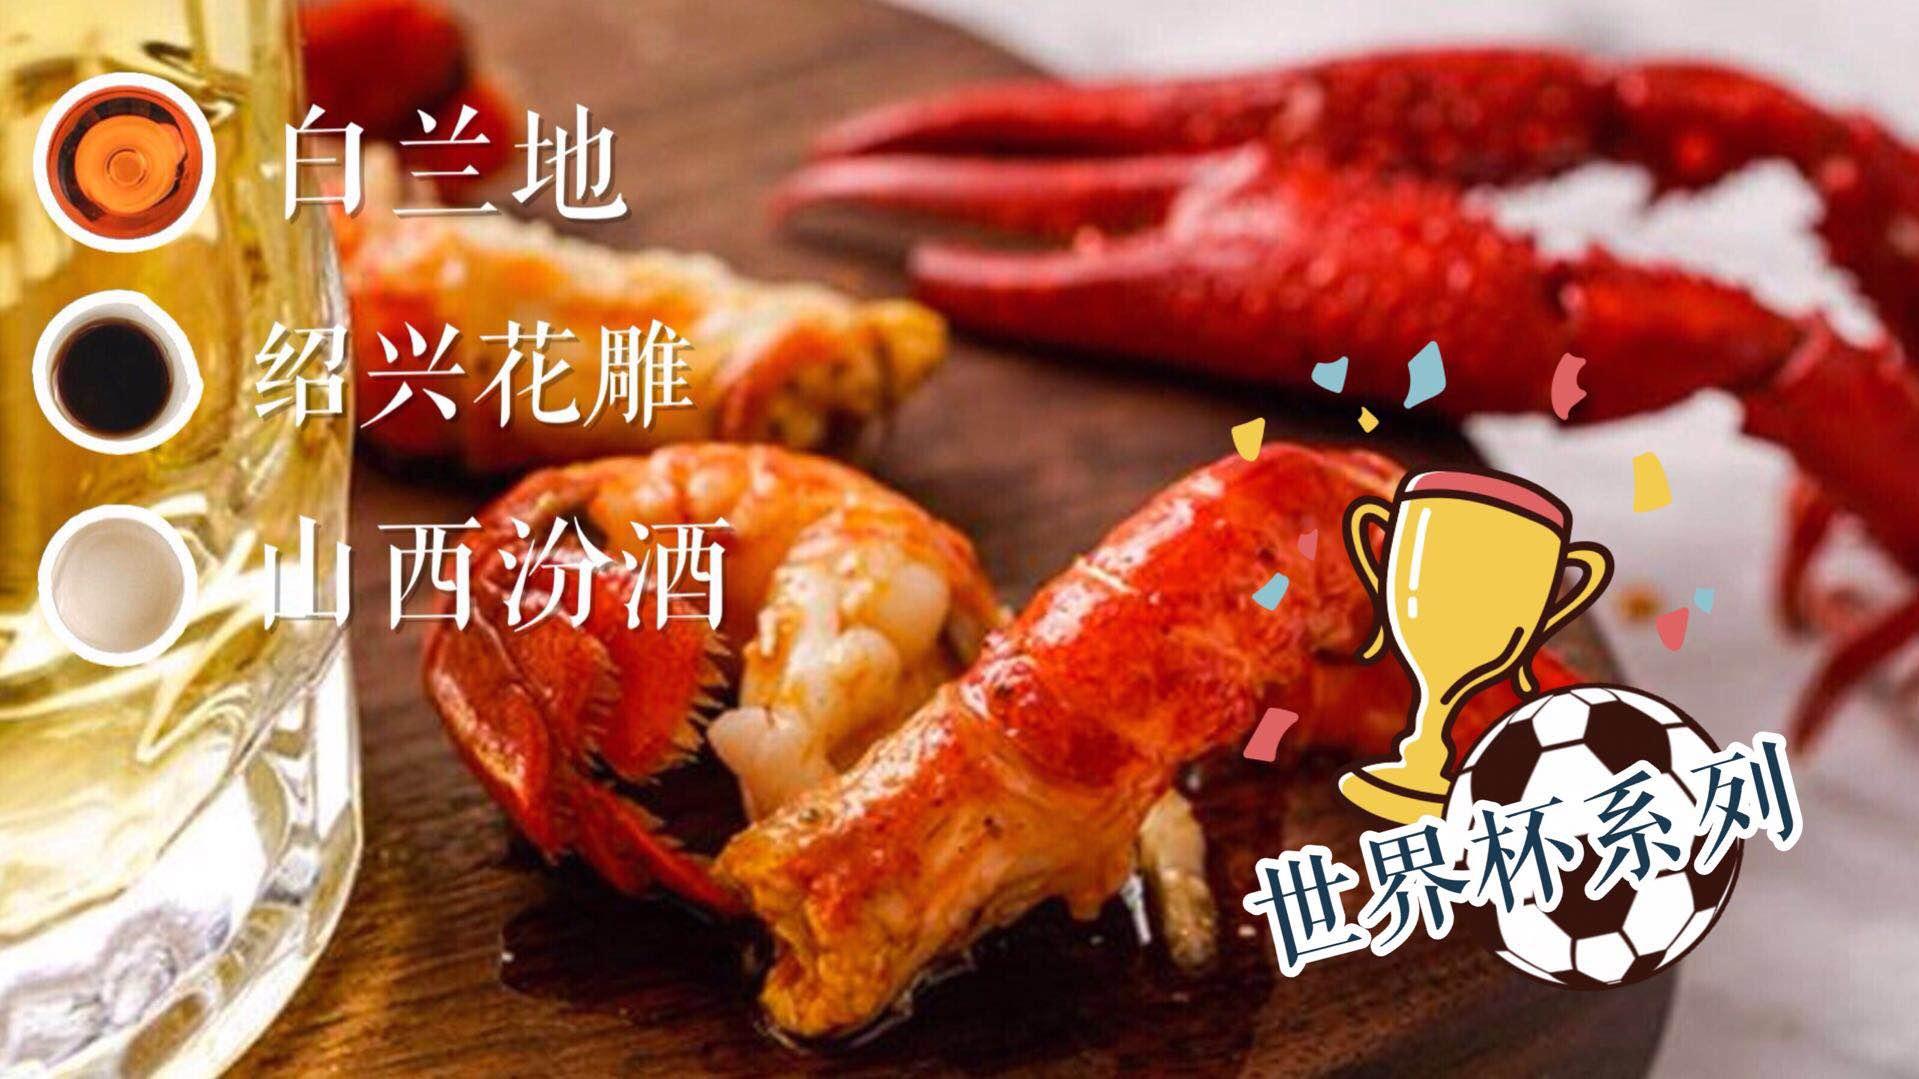 世界杯の美味︳冰镇小龙虾,外刚内Q,更有三味酒香!